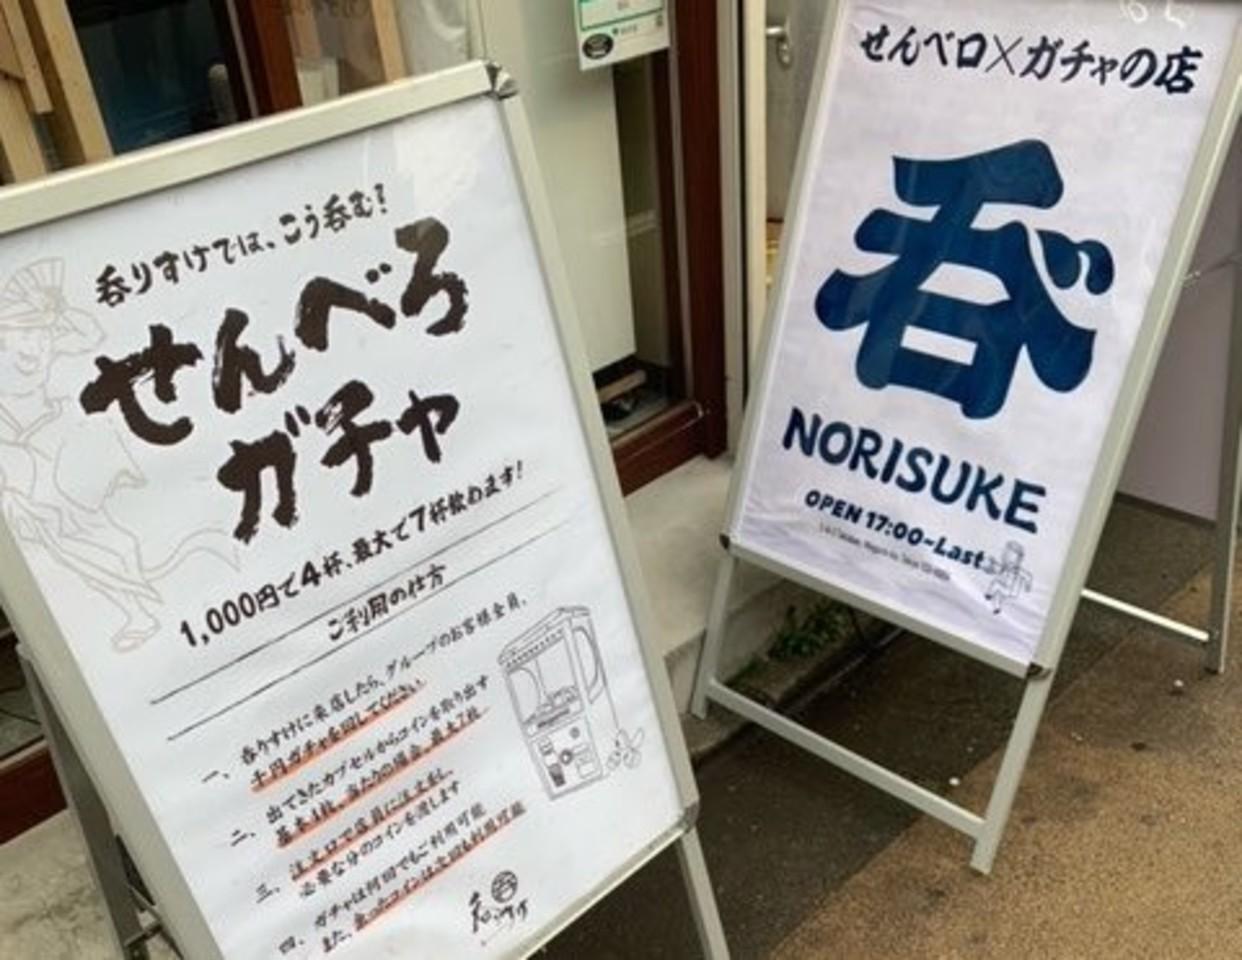 東京都目黒区鷹番2丁目に「呑りすけ 学芸大学店」が昨日グランドオープンされたようです。